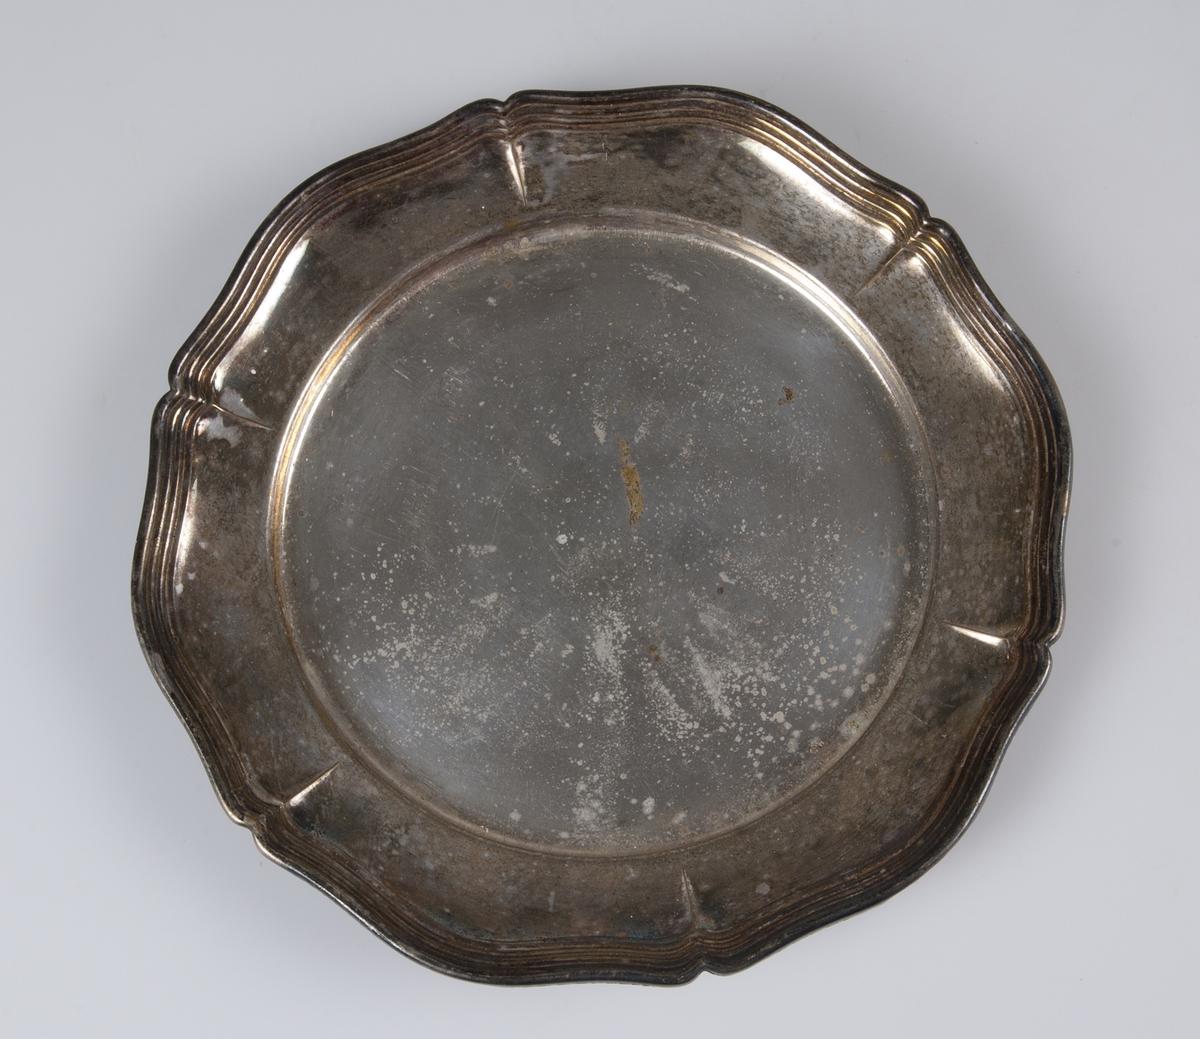 Smörassiett med skål av glas (se UM09421a), samt fat av nysilver med vågig kant. Saknar stämplar.